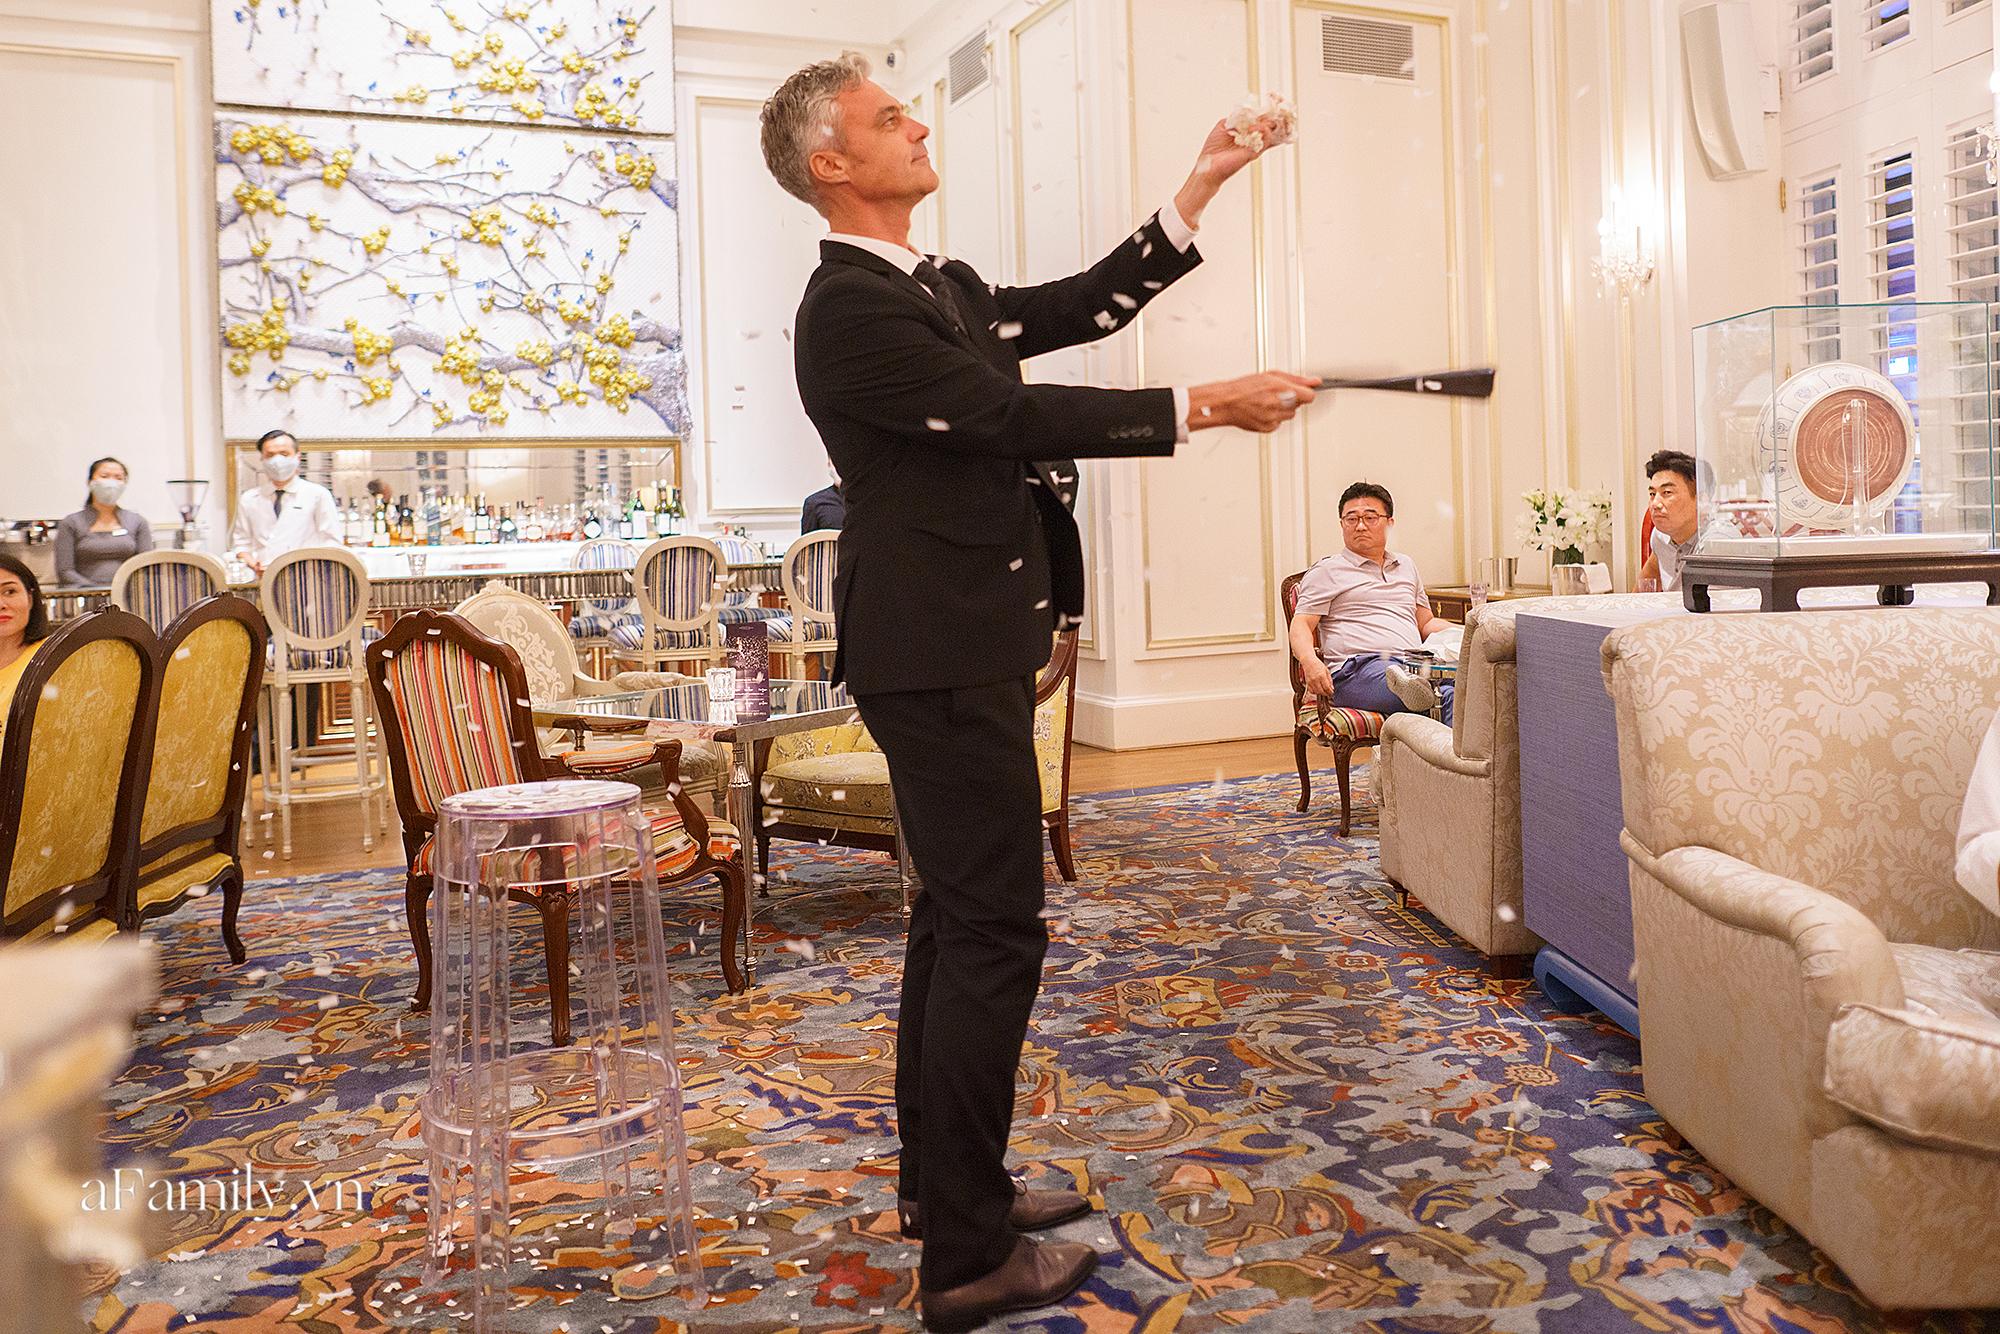 """Giải trí thời Covid, các buổi tiệc """"giới hạn số lượng"""" lên ngôi, nhiều người sẵn sàng bỏ gần 4 triệu đồng để vừa ăn tối vừa xem ảo thuật trong 2 tiếng - Ảnh 5."""